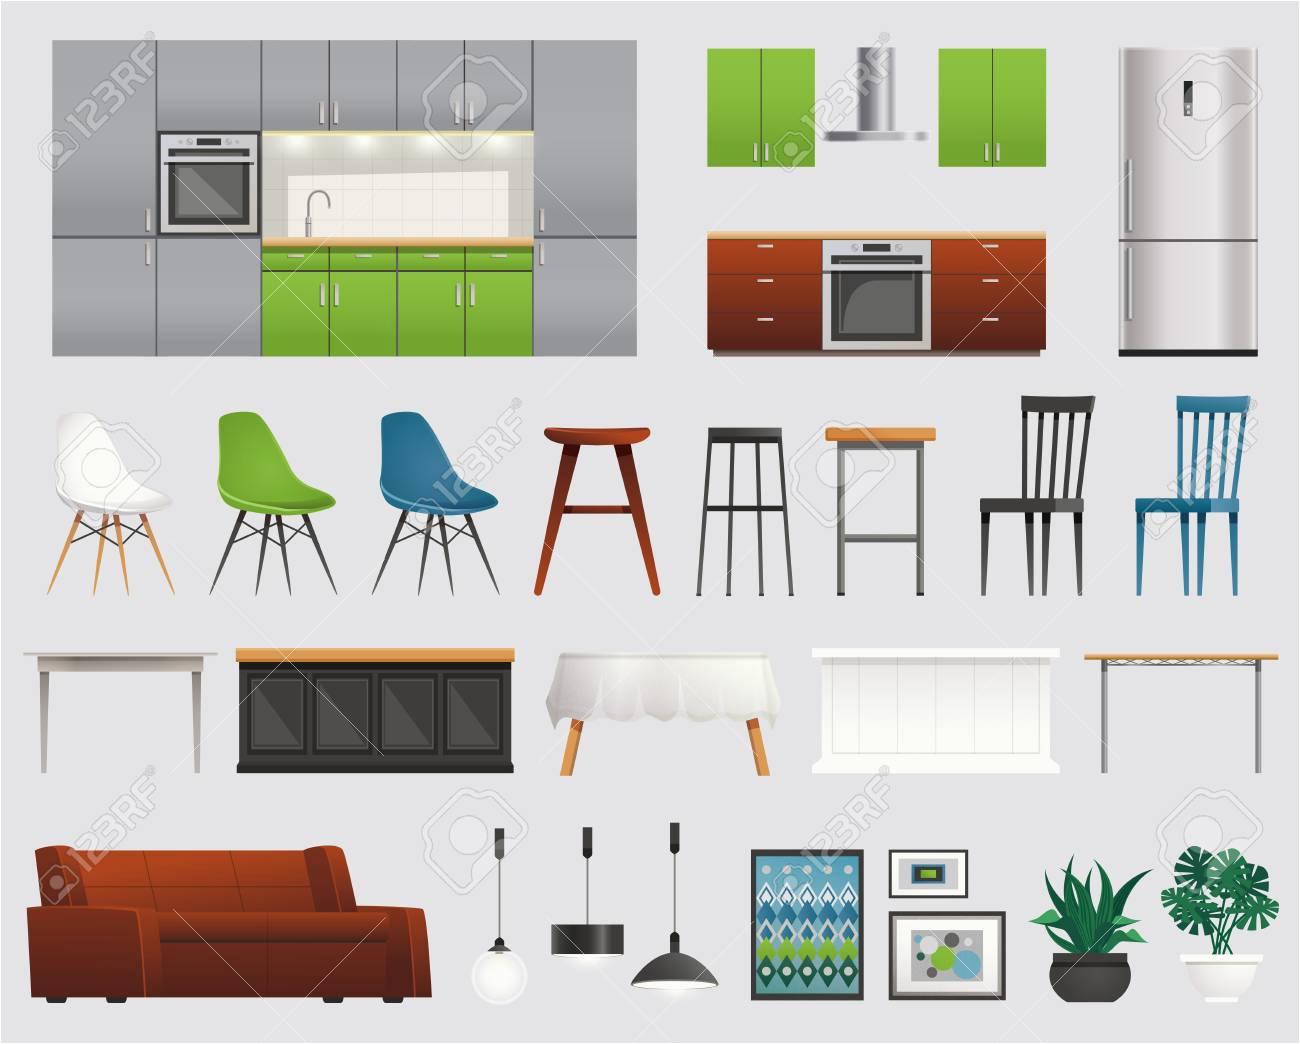 regal ideen wohnzimmer mit stock photo 62 und moderne k c3 bcche und wohnzimmer design ideen elemente icons set mit m c3 b6beln regale zubeh c3 b6r vektor illustration mit regal ideen wohnzim